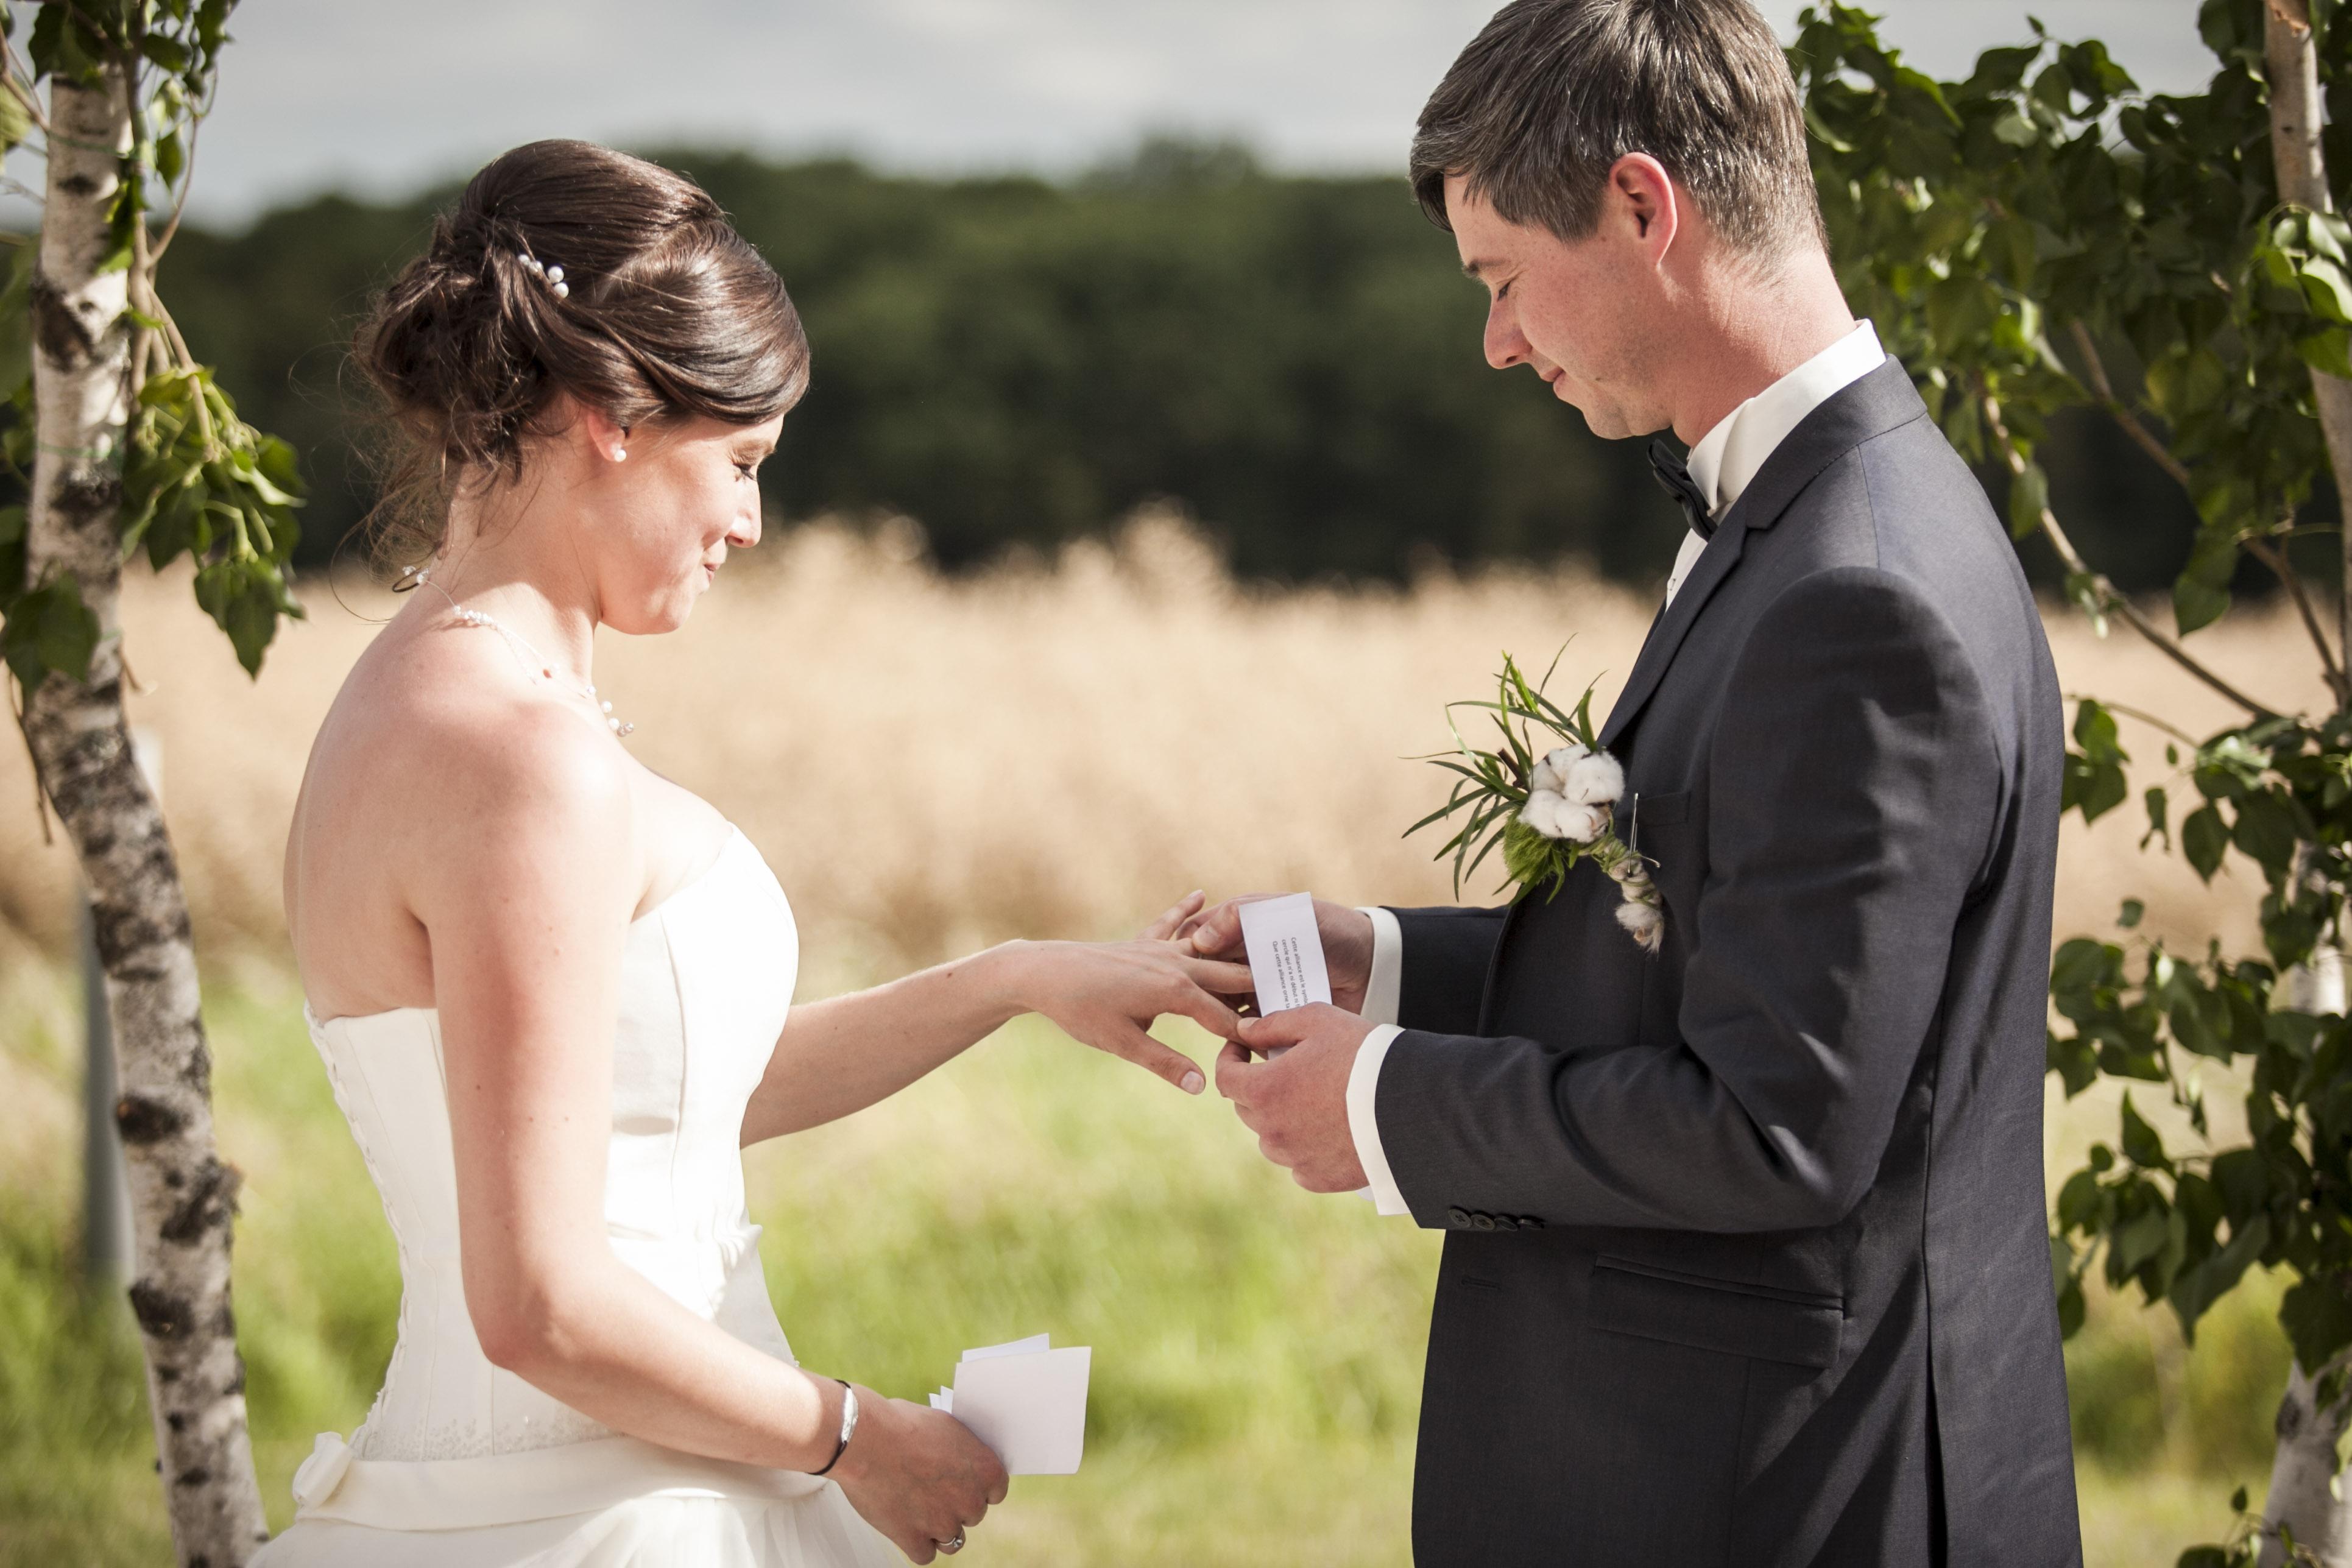 Le mariage nature de Mlle Broderie avec beaucoup de DIY